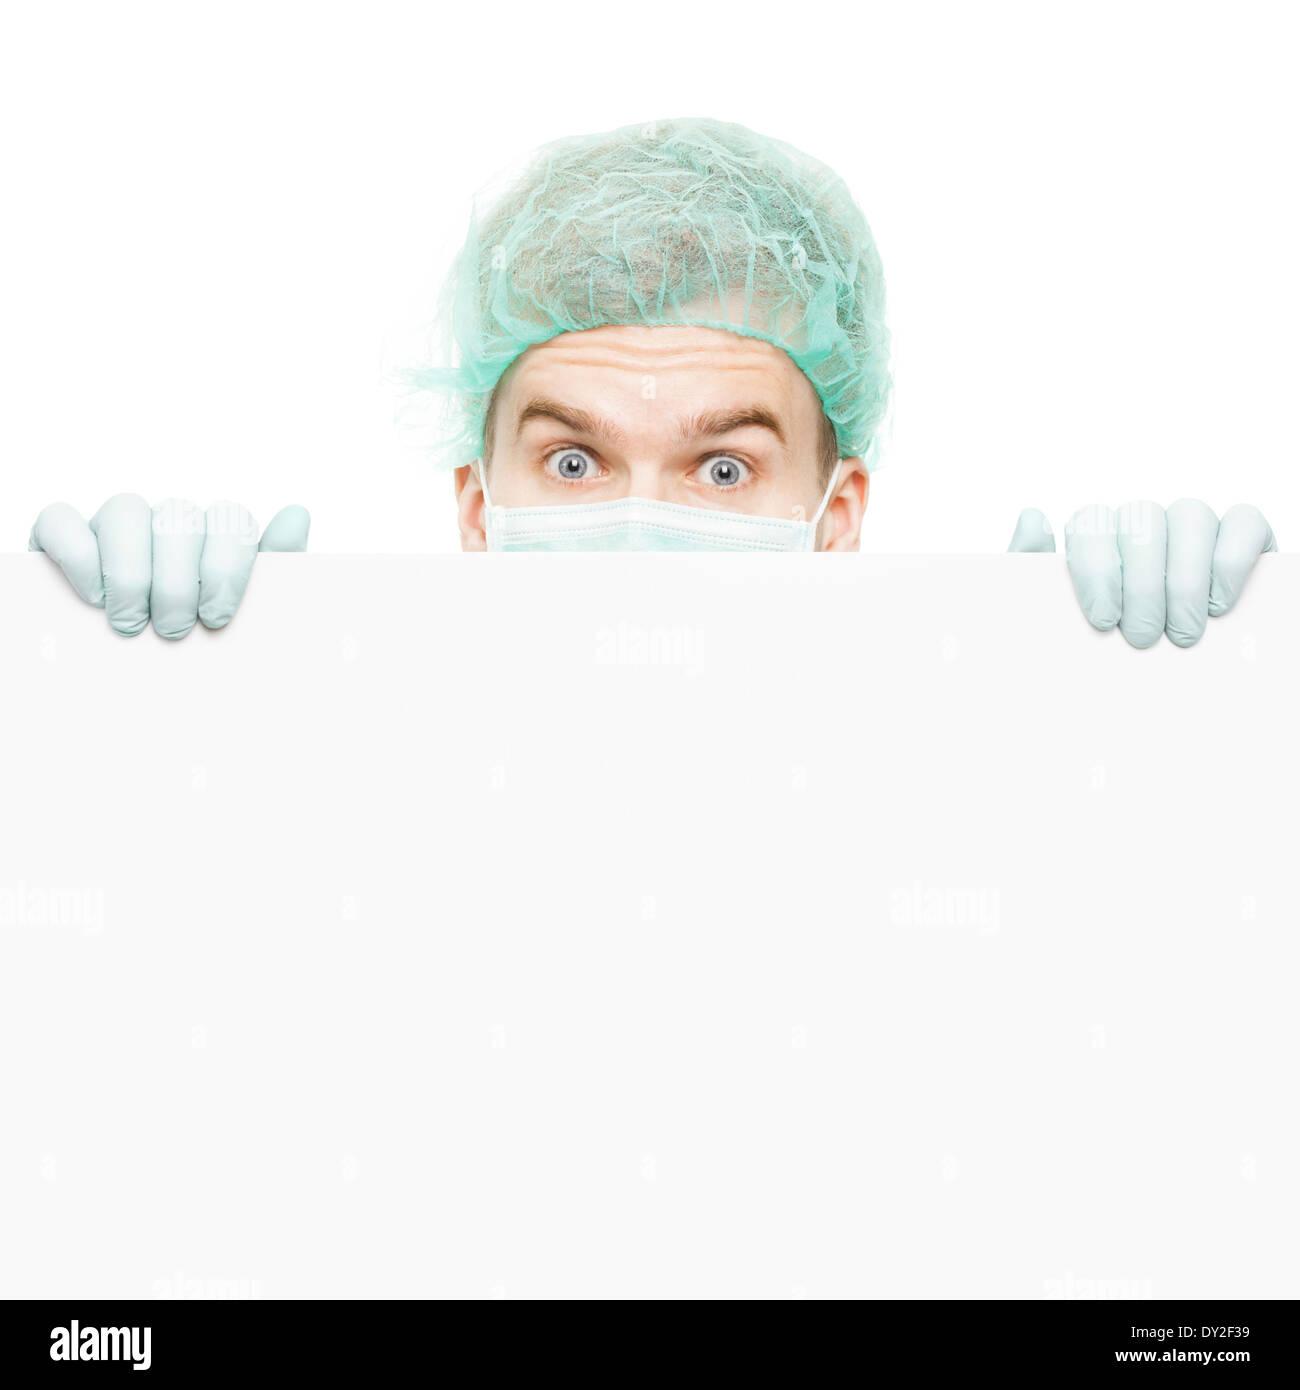 Chirurgo guardando da dietro un pannello isolato su sfondo bianco Immagini Stock